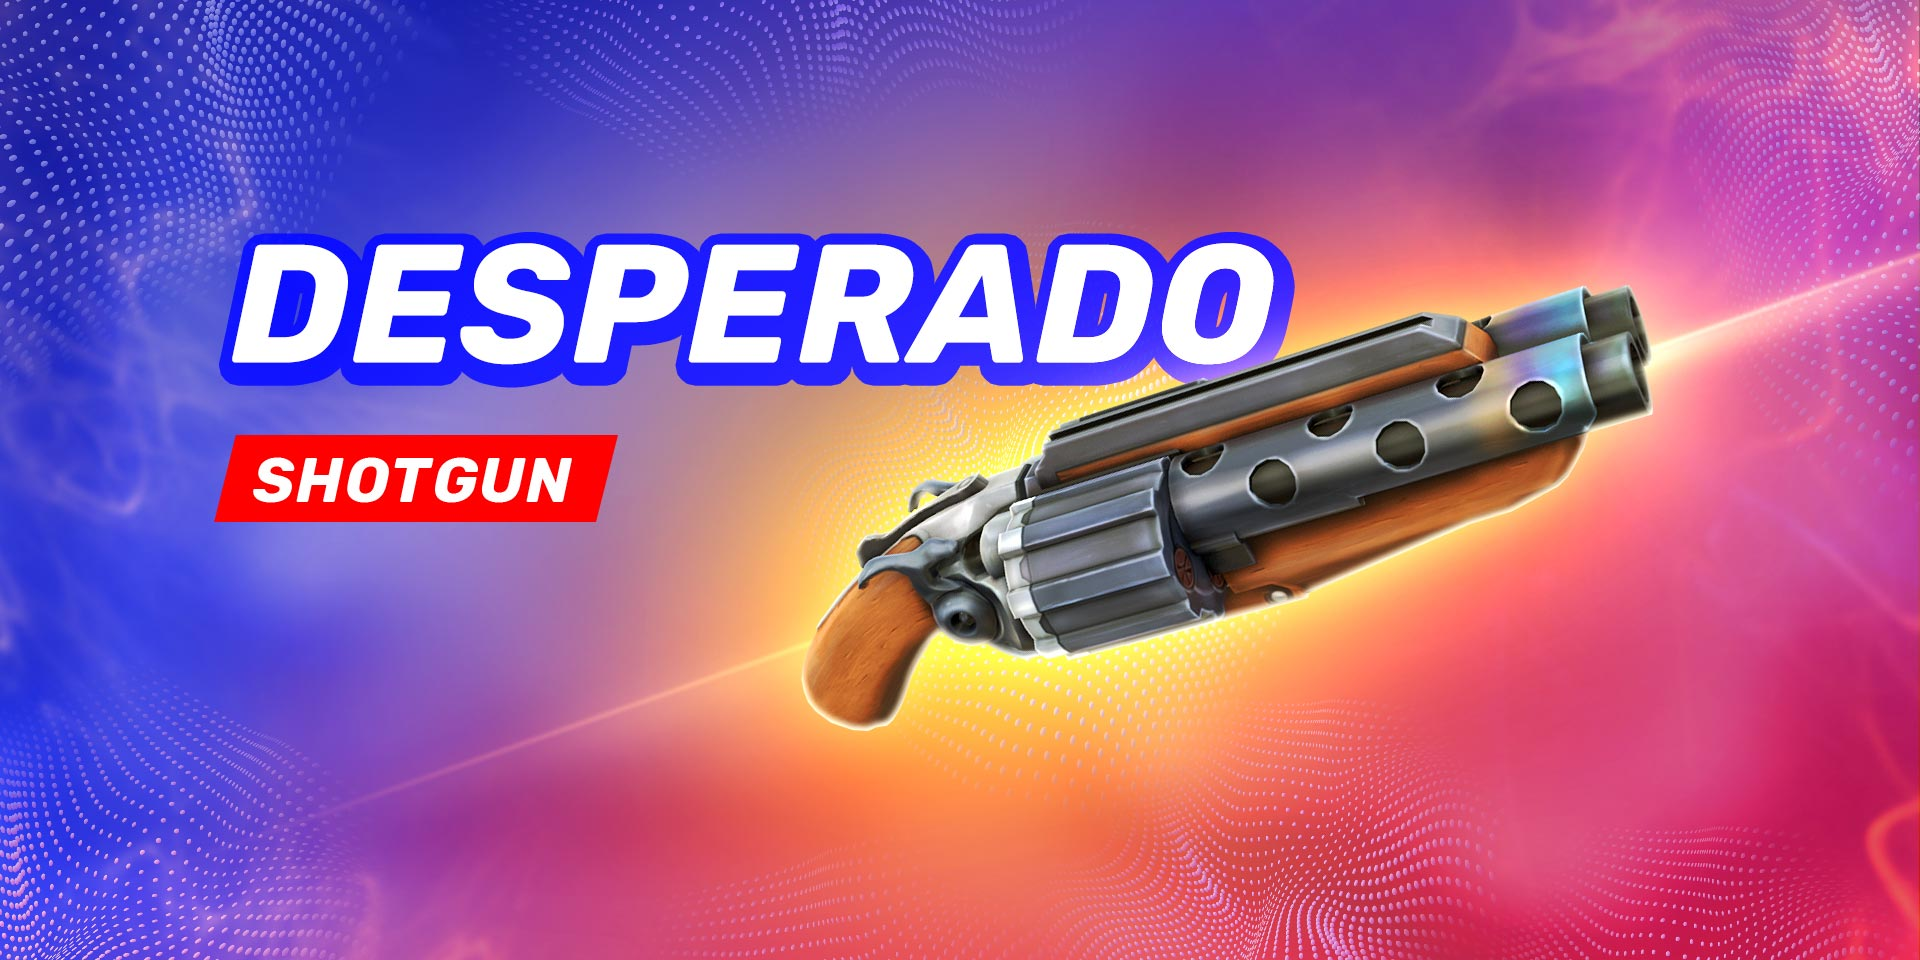 603d0b13db0bb_act2-season2-gunsopedia_header_desperado_EN